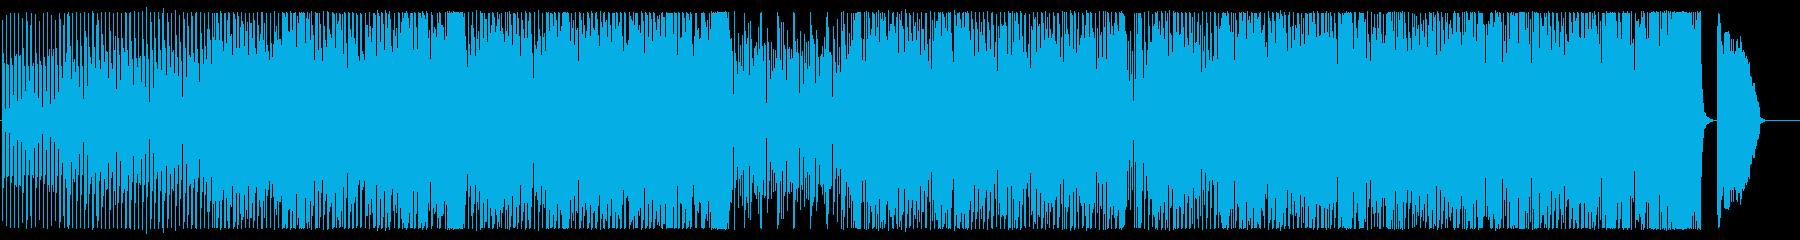 ほのぼの生演奏フルートとテクノ不思議な曲の再生済みの波形